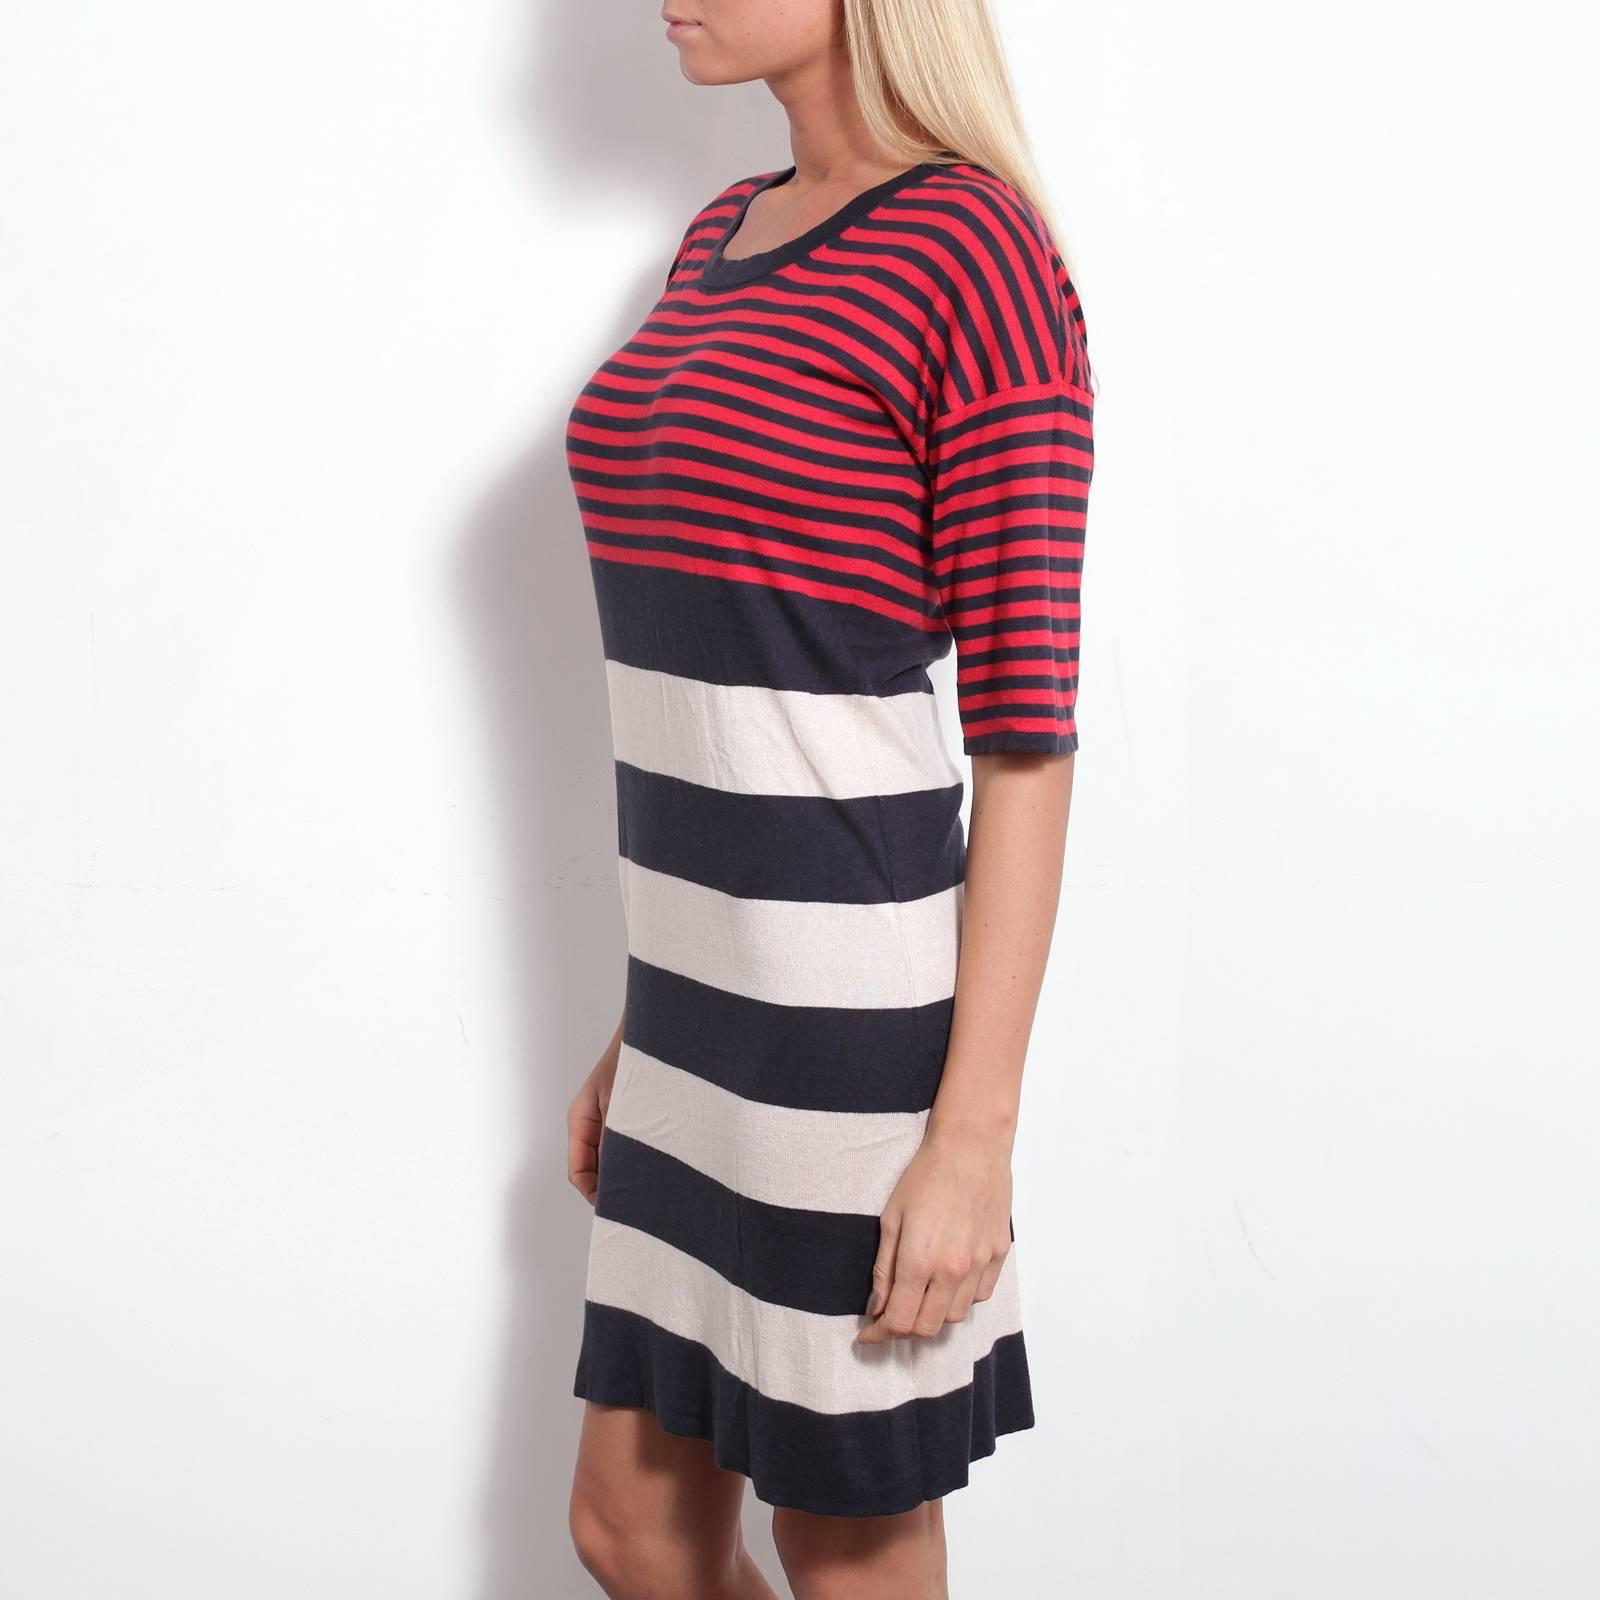 Платья Max Mara  купить платье Max Mara сравнить цены в